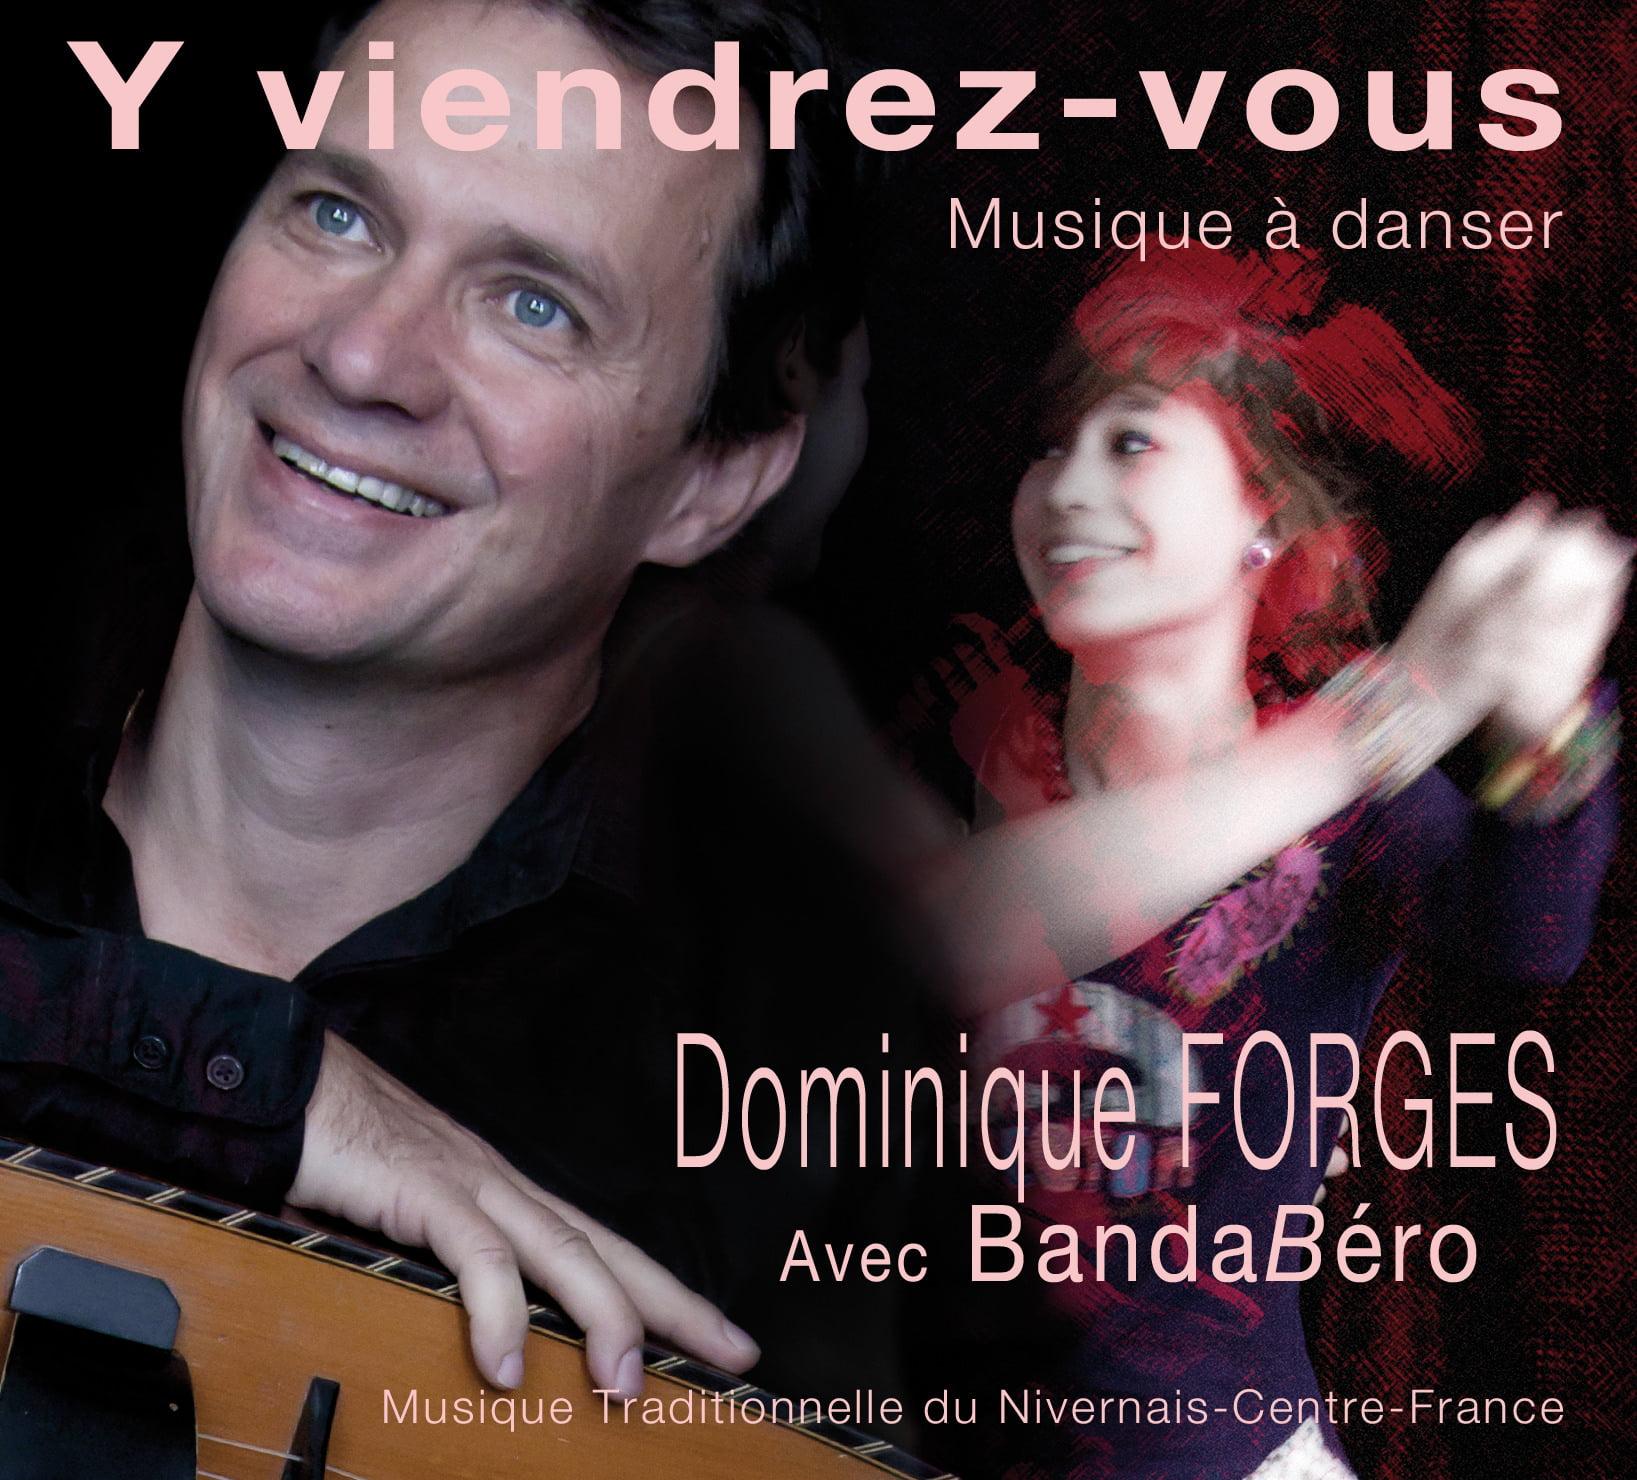 2011 – « Y viendrez-vous » Musiques et chants traditionnels à danser - Nivernais- Centre de la France Dominique Forges/BandaBéro – Prod. La compagnie Bérot